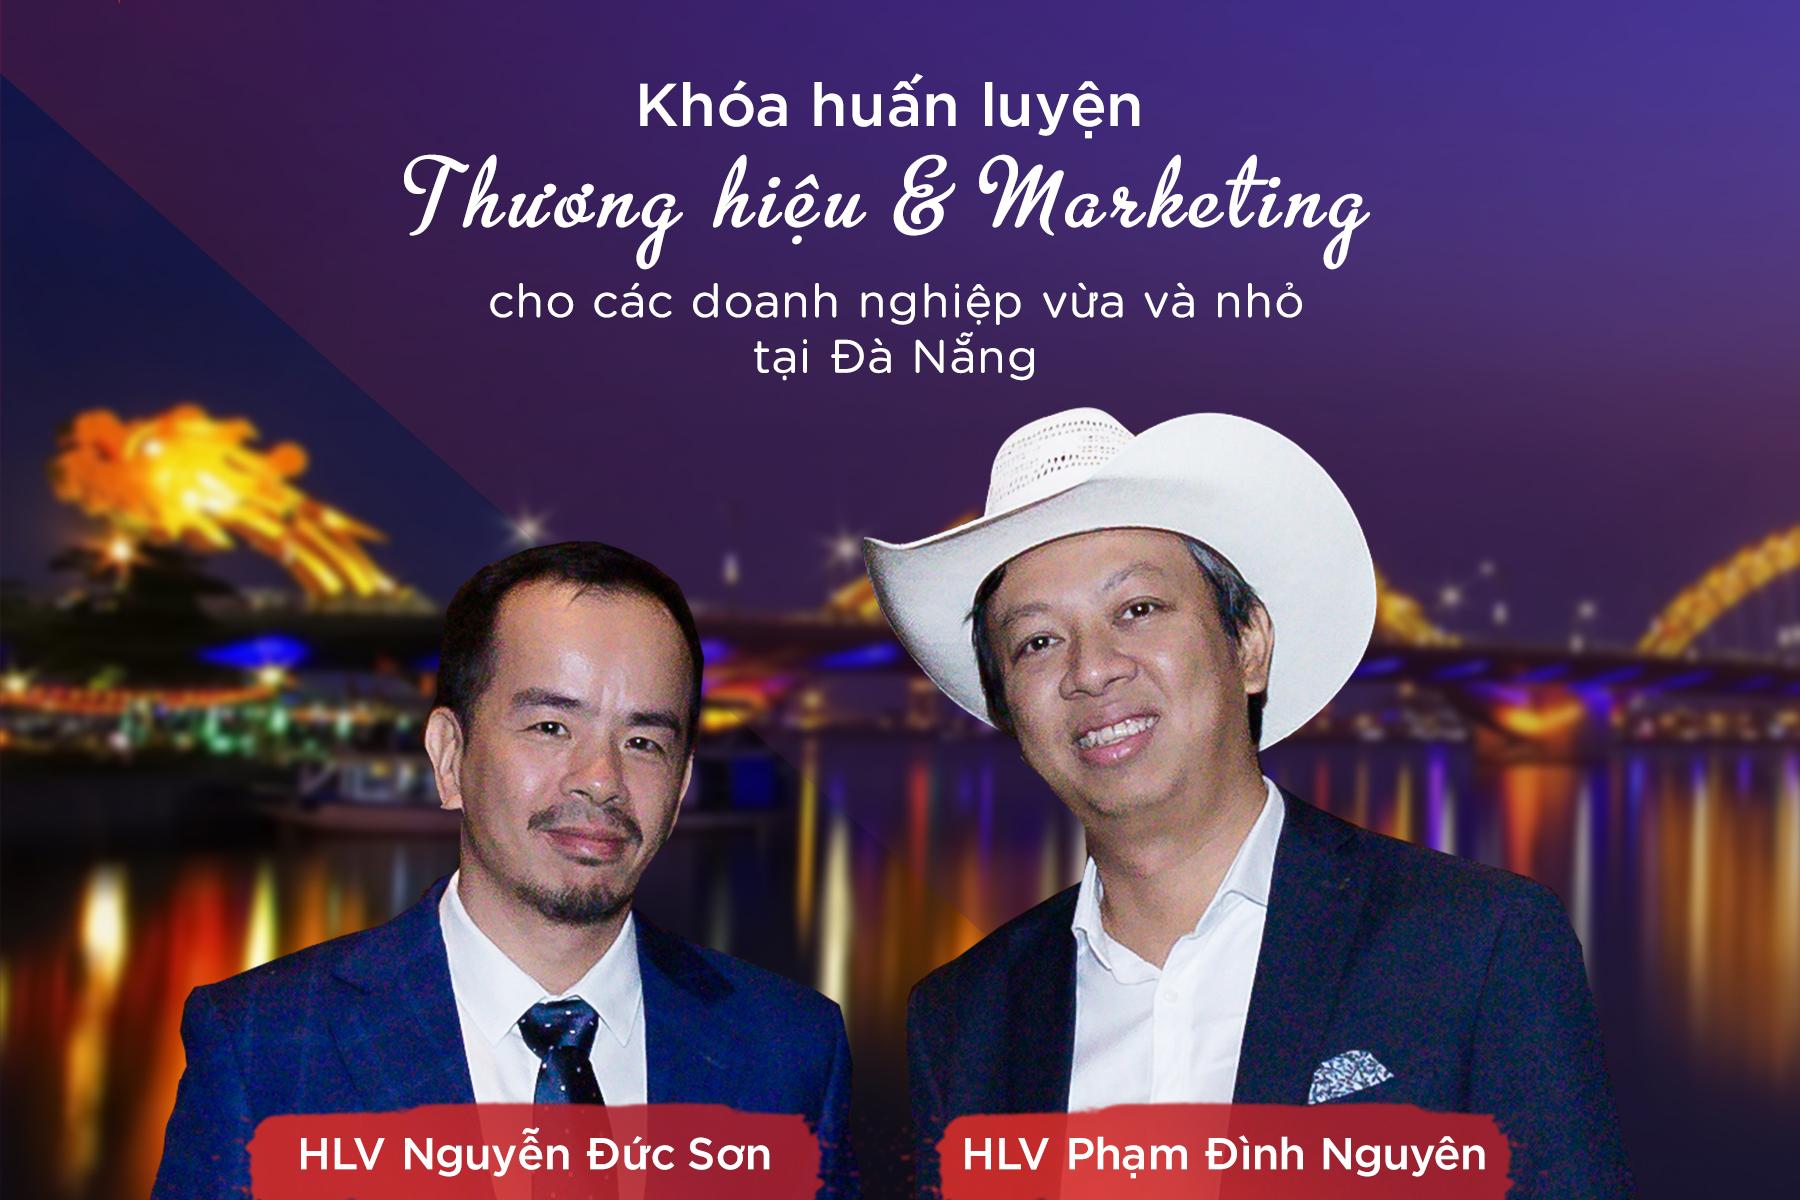 Khoá huấn luyện xây dựng thương hiệu, marketing và chiến lược content tại Đà Nẵng